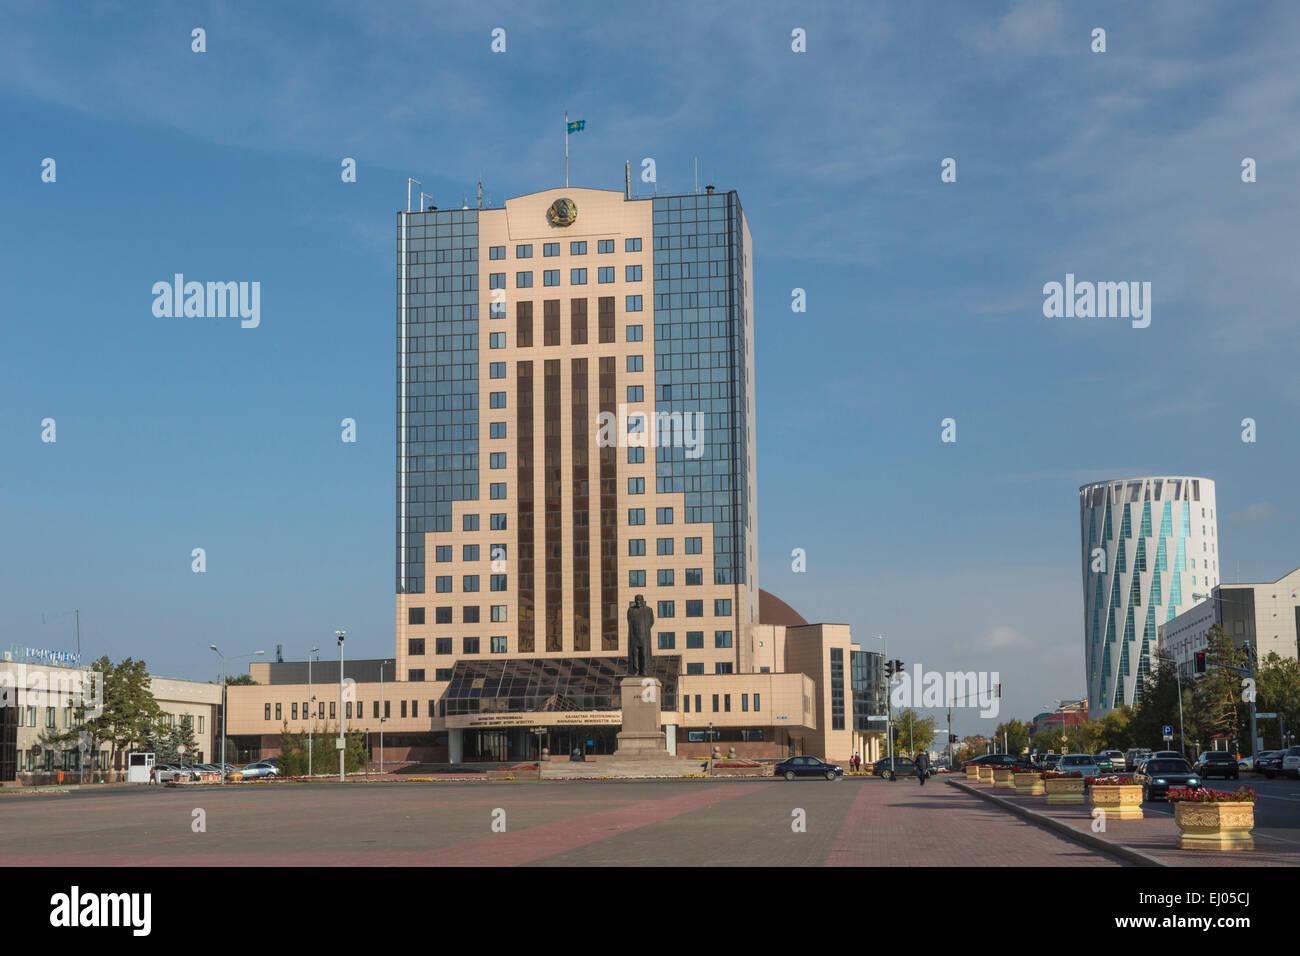 Agentur, Astana, Stadt, kasachische Regierung, Kasachstan, Zentralasien, Sommer, Architektur, Innenstadt, keine Stockbild